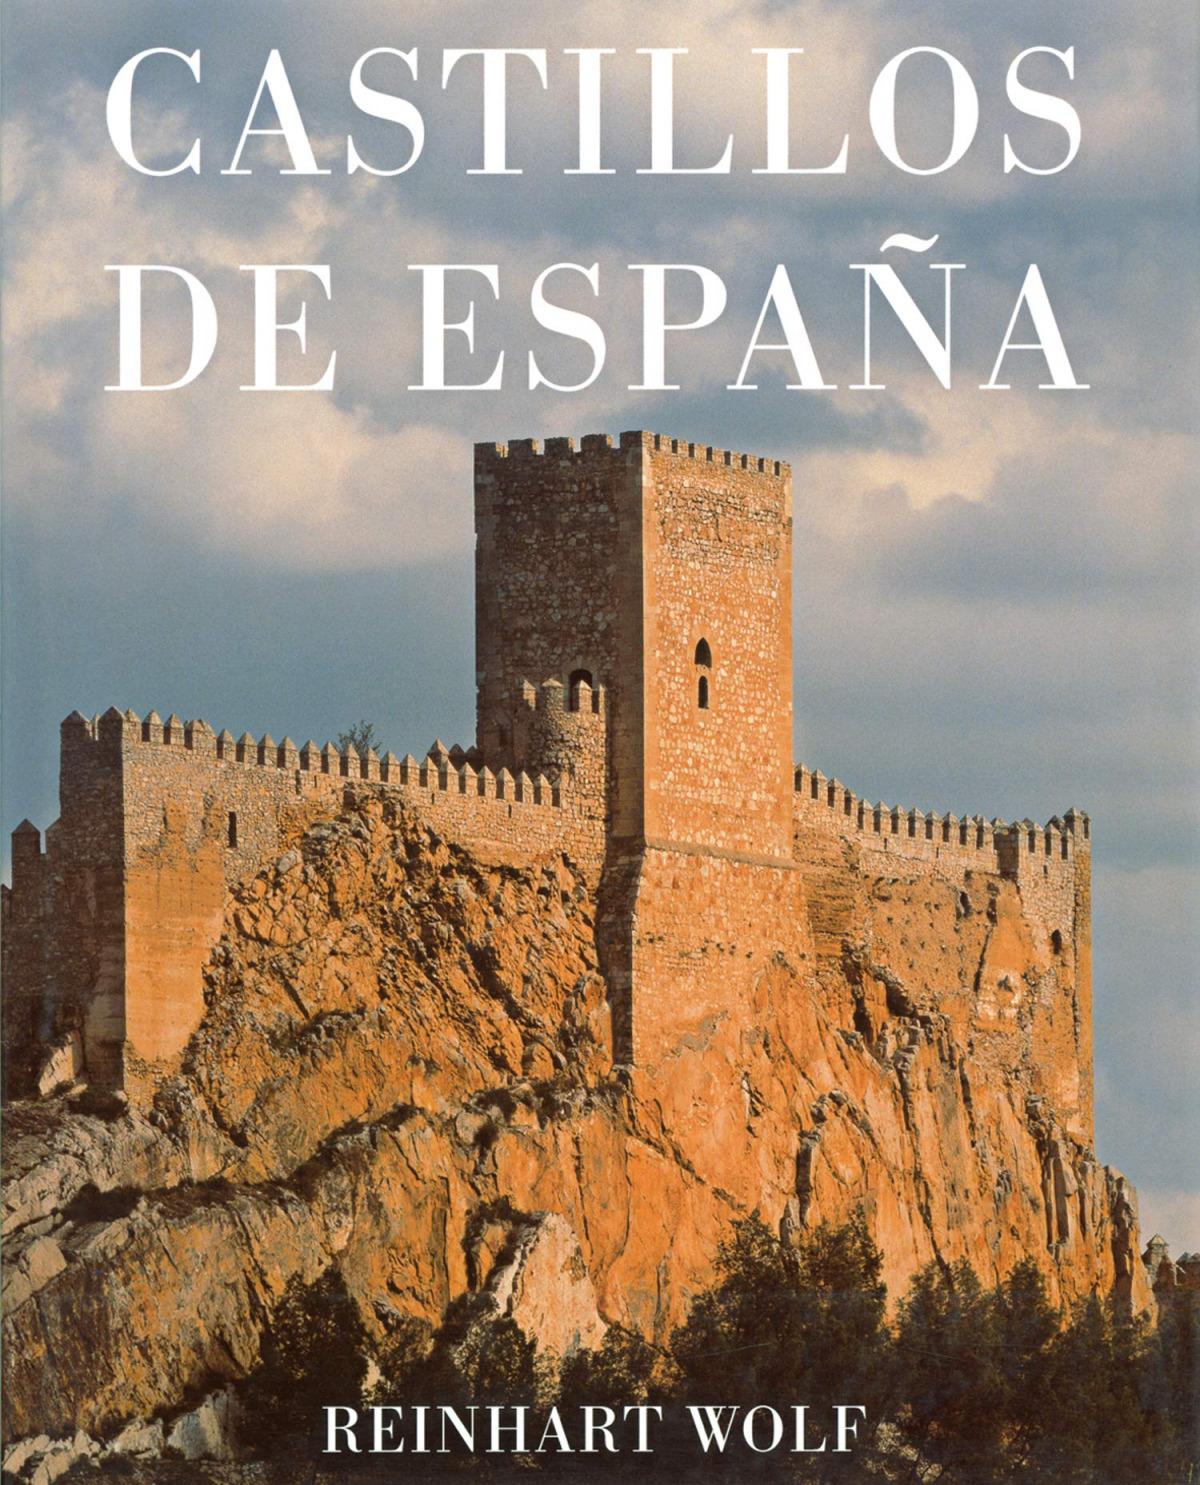 Castillos de espaÑa - Wolf